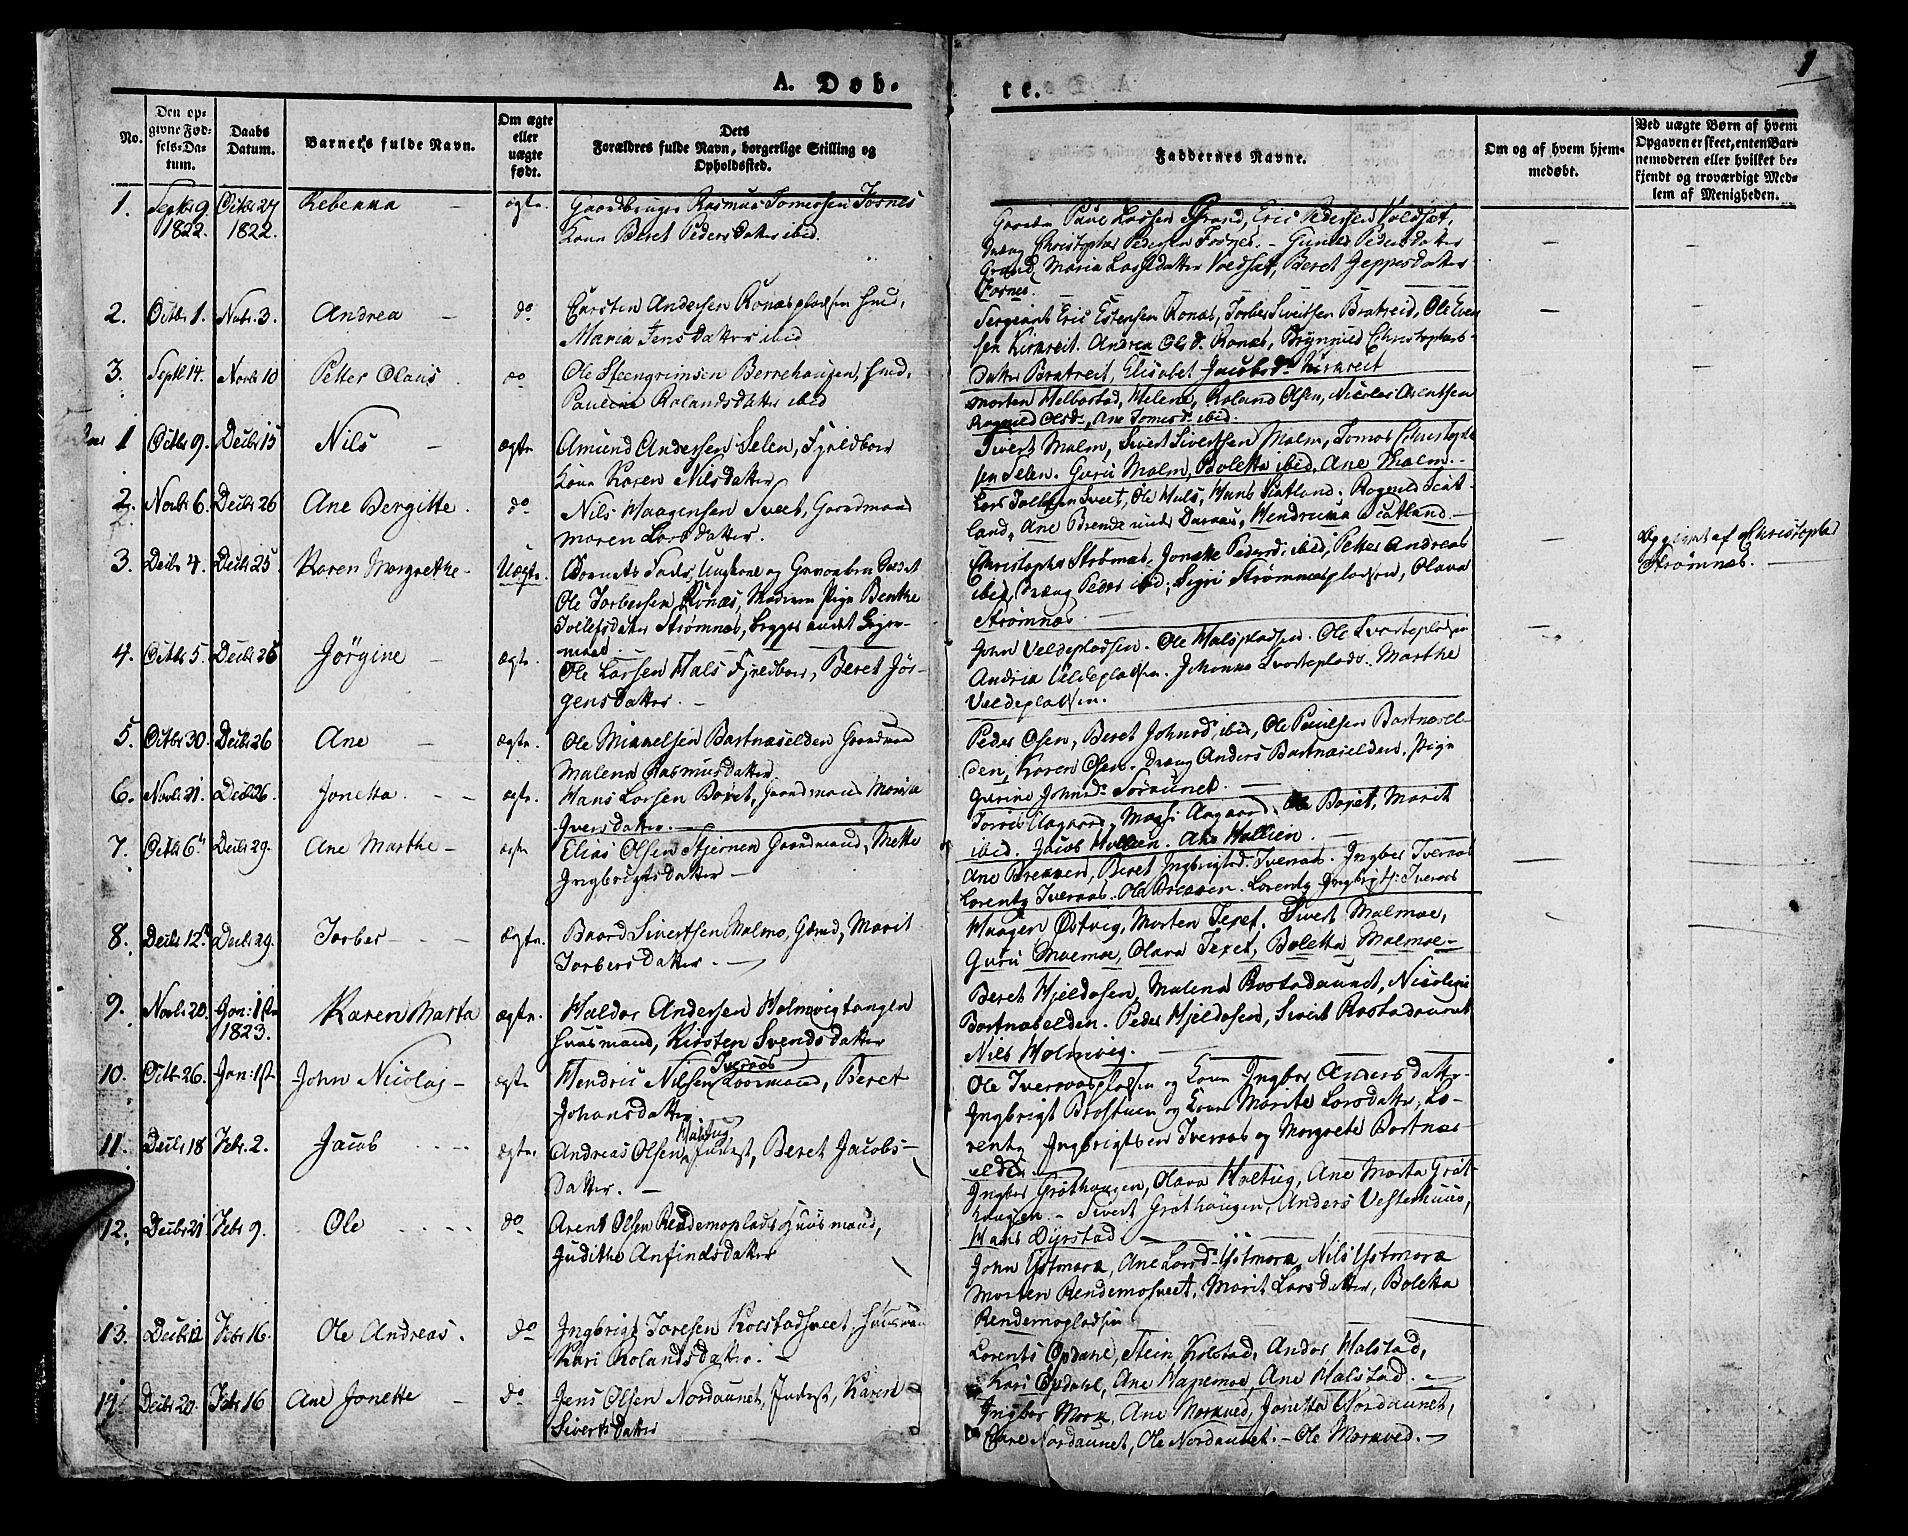 SAT, Ministerialprotokoller, klokkerbøker og fødselsregistre - Nord-Trøndelag, 741/L0390: Ministerialbok nr. 741A04, 1822-1836, s. 1